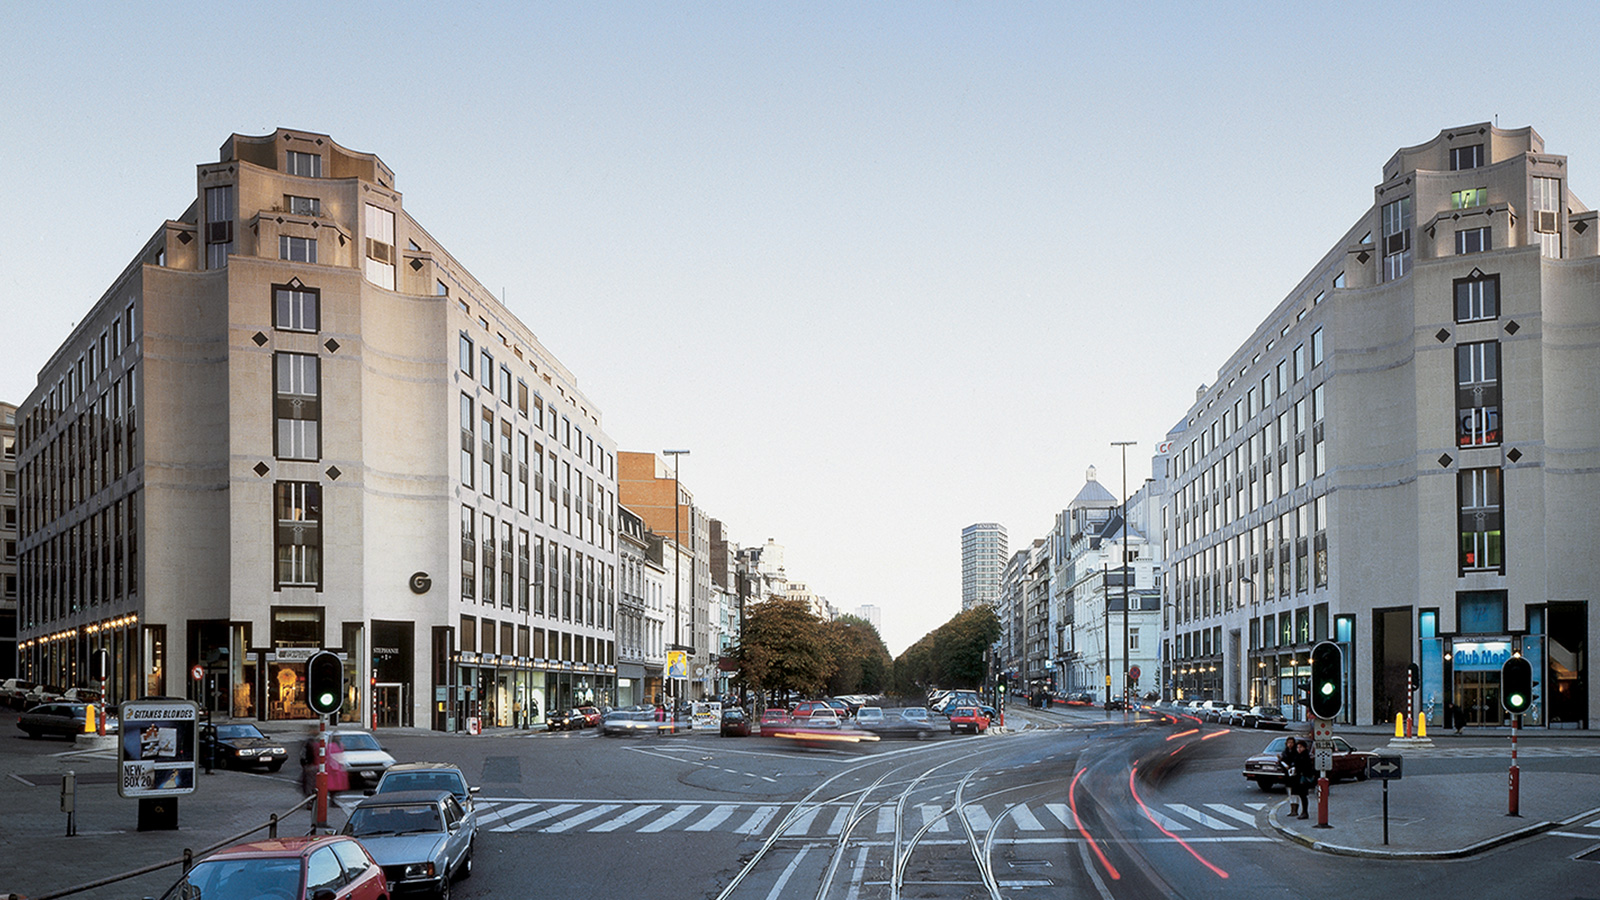 Интервью с дизайнером Александром Буртом о работе и жизни в Брюсселе - 3